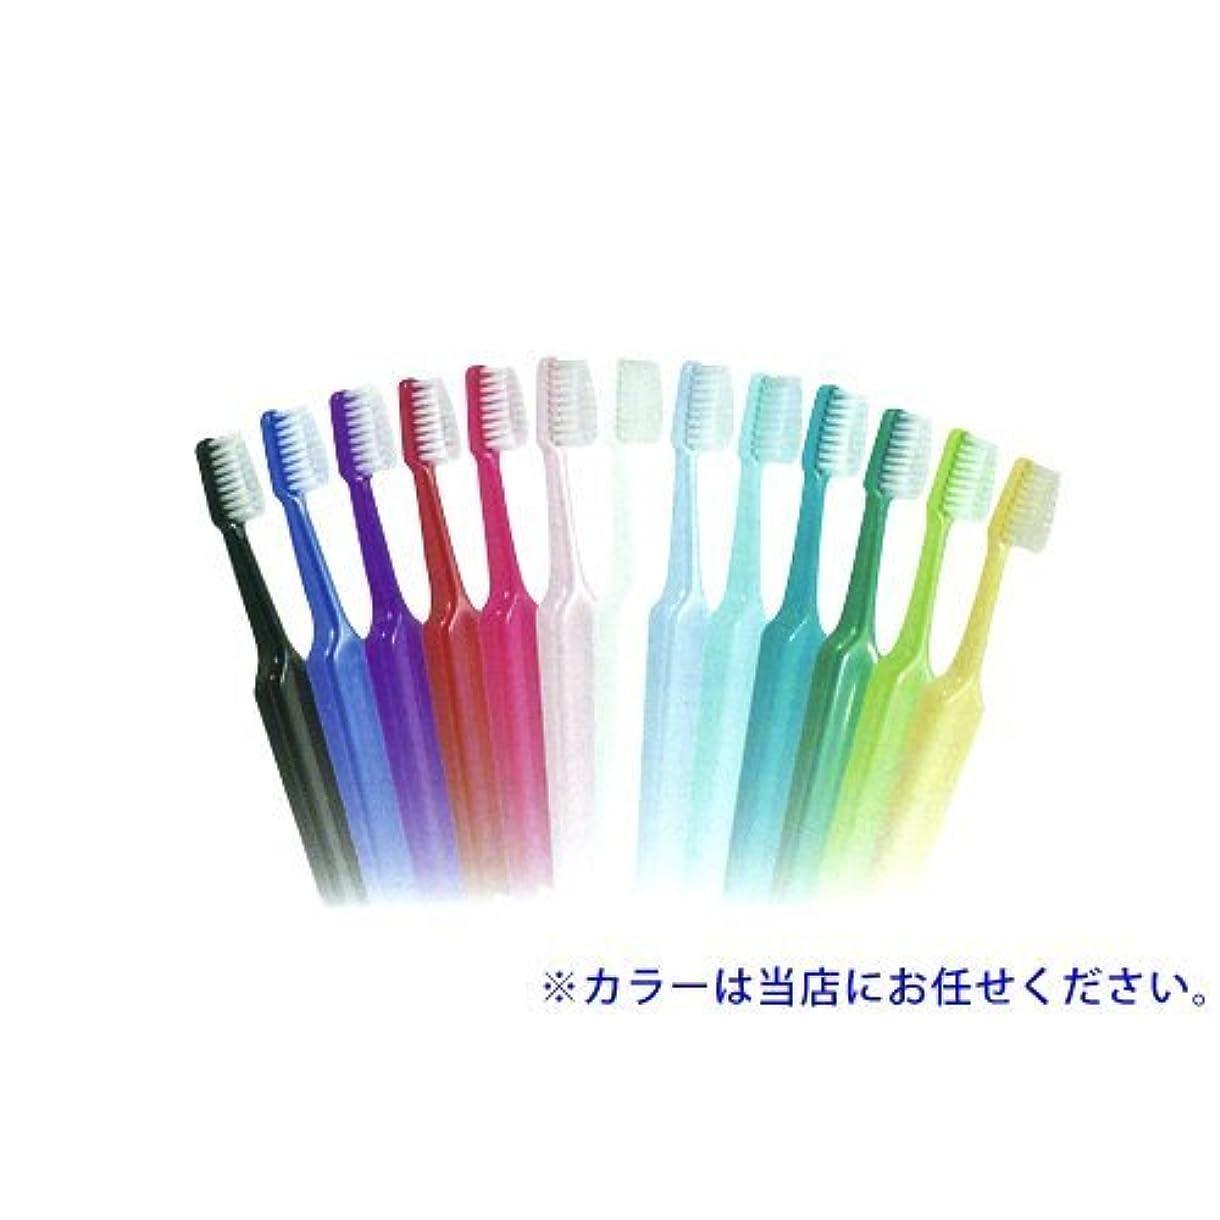 変換するキャッチ宿題をするTepe歯ブラシ セレクトミニ/ソフト 25本/箱